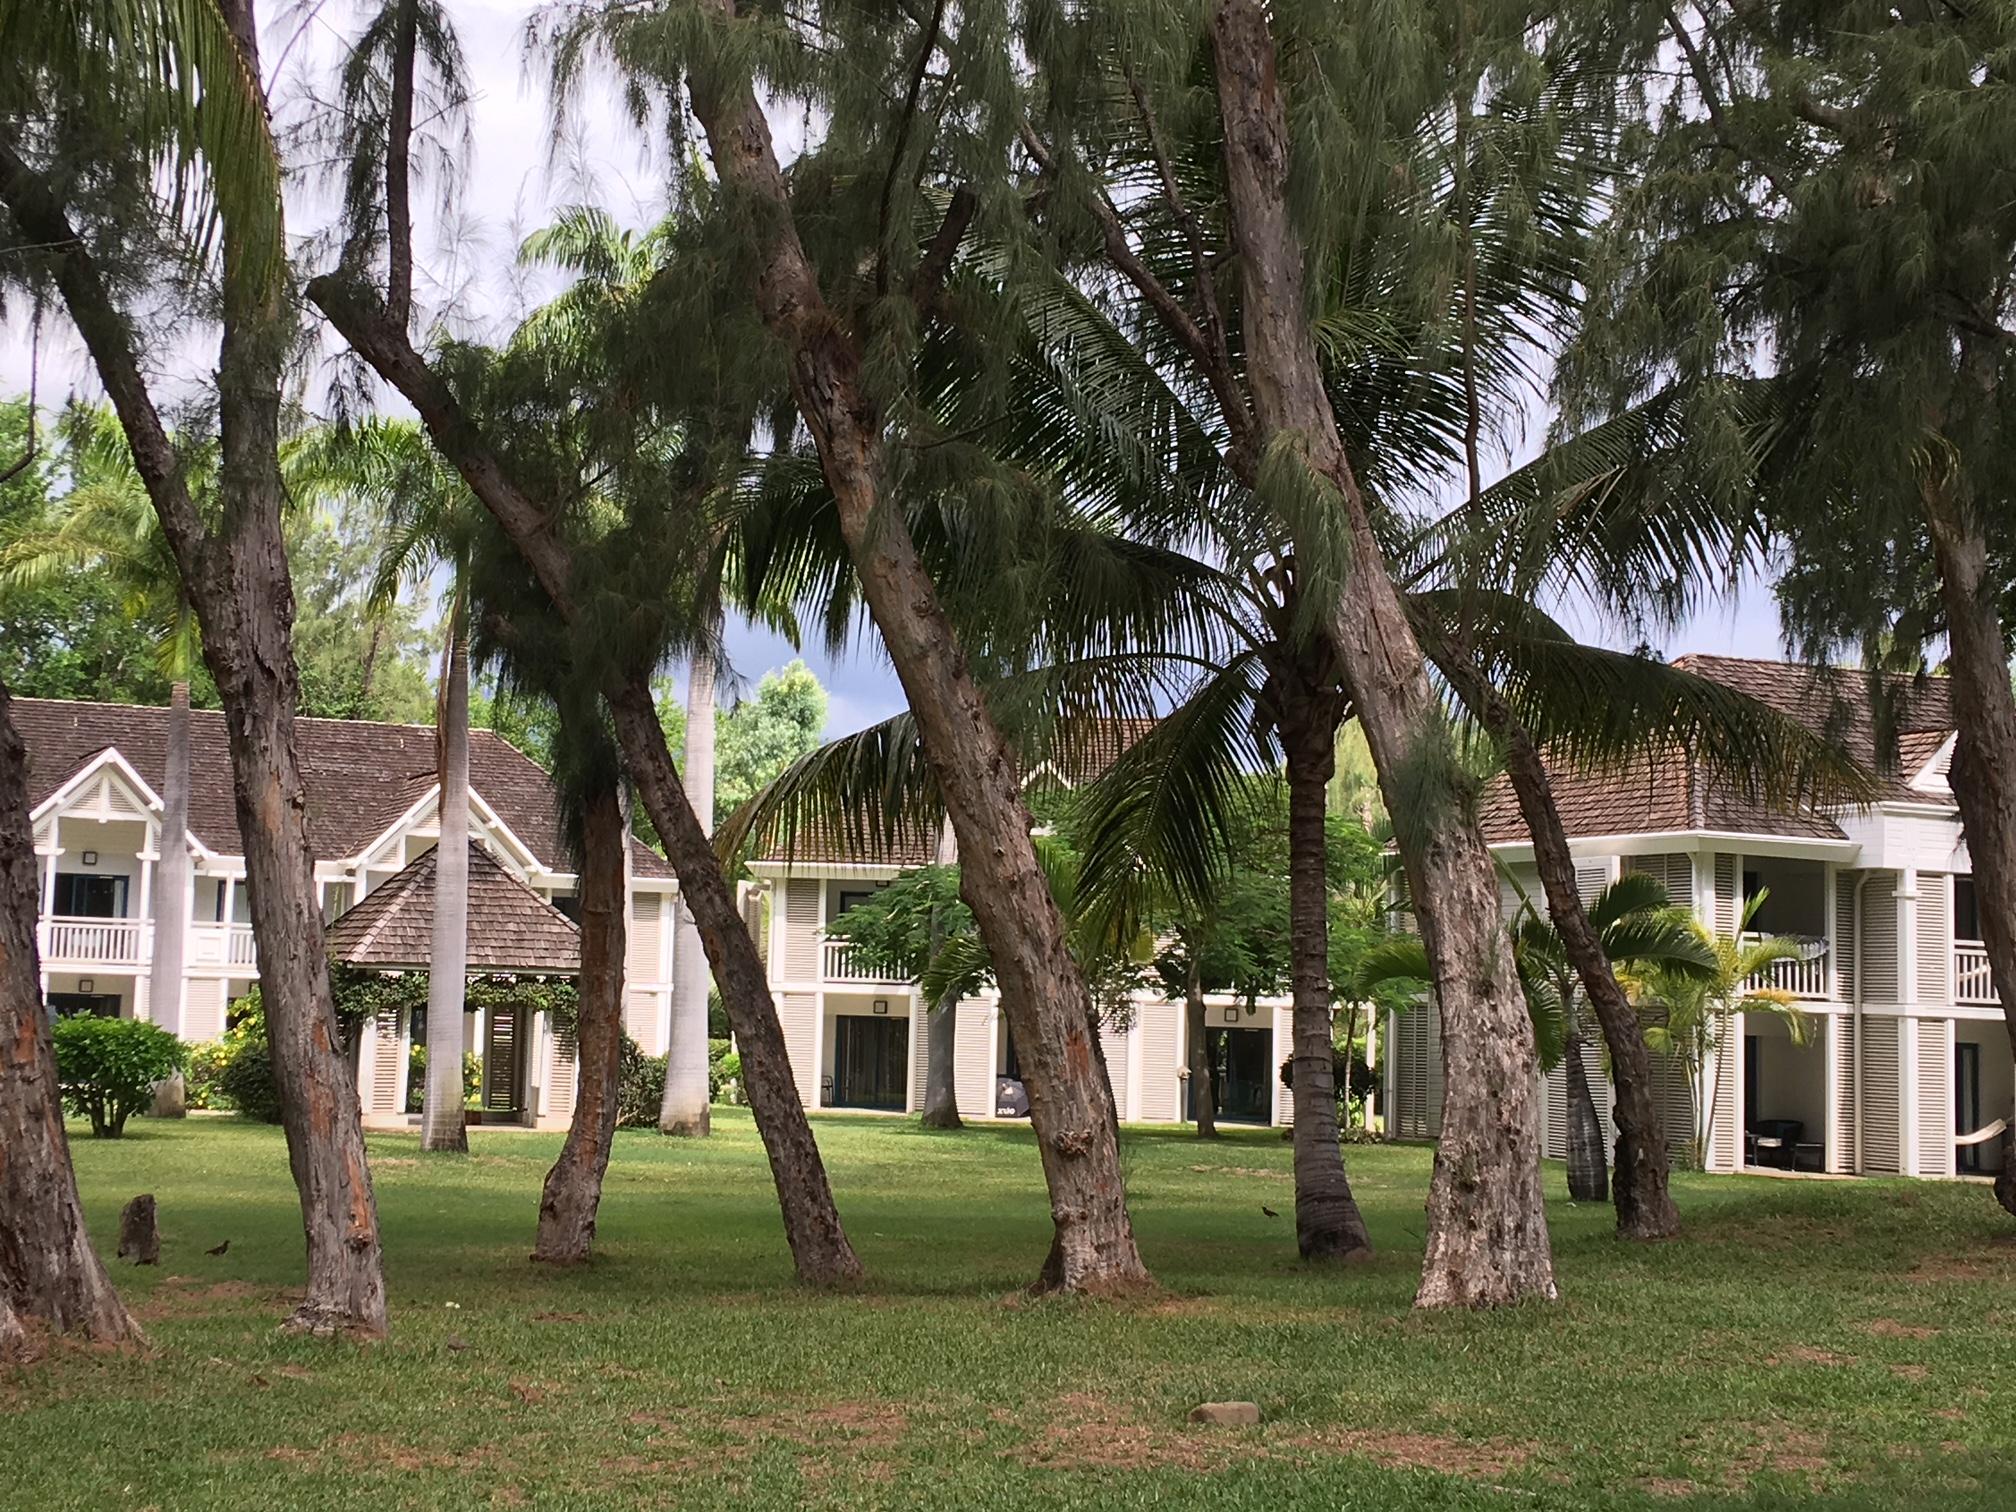 Développement du réseau PBH IMMO sur l'Ile de la Réunion